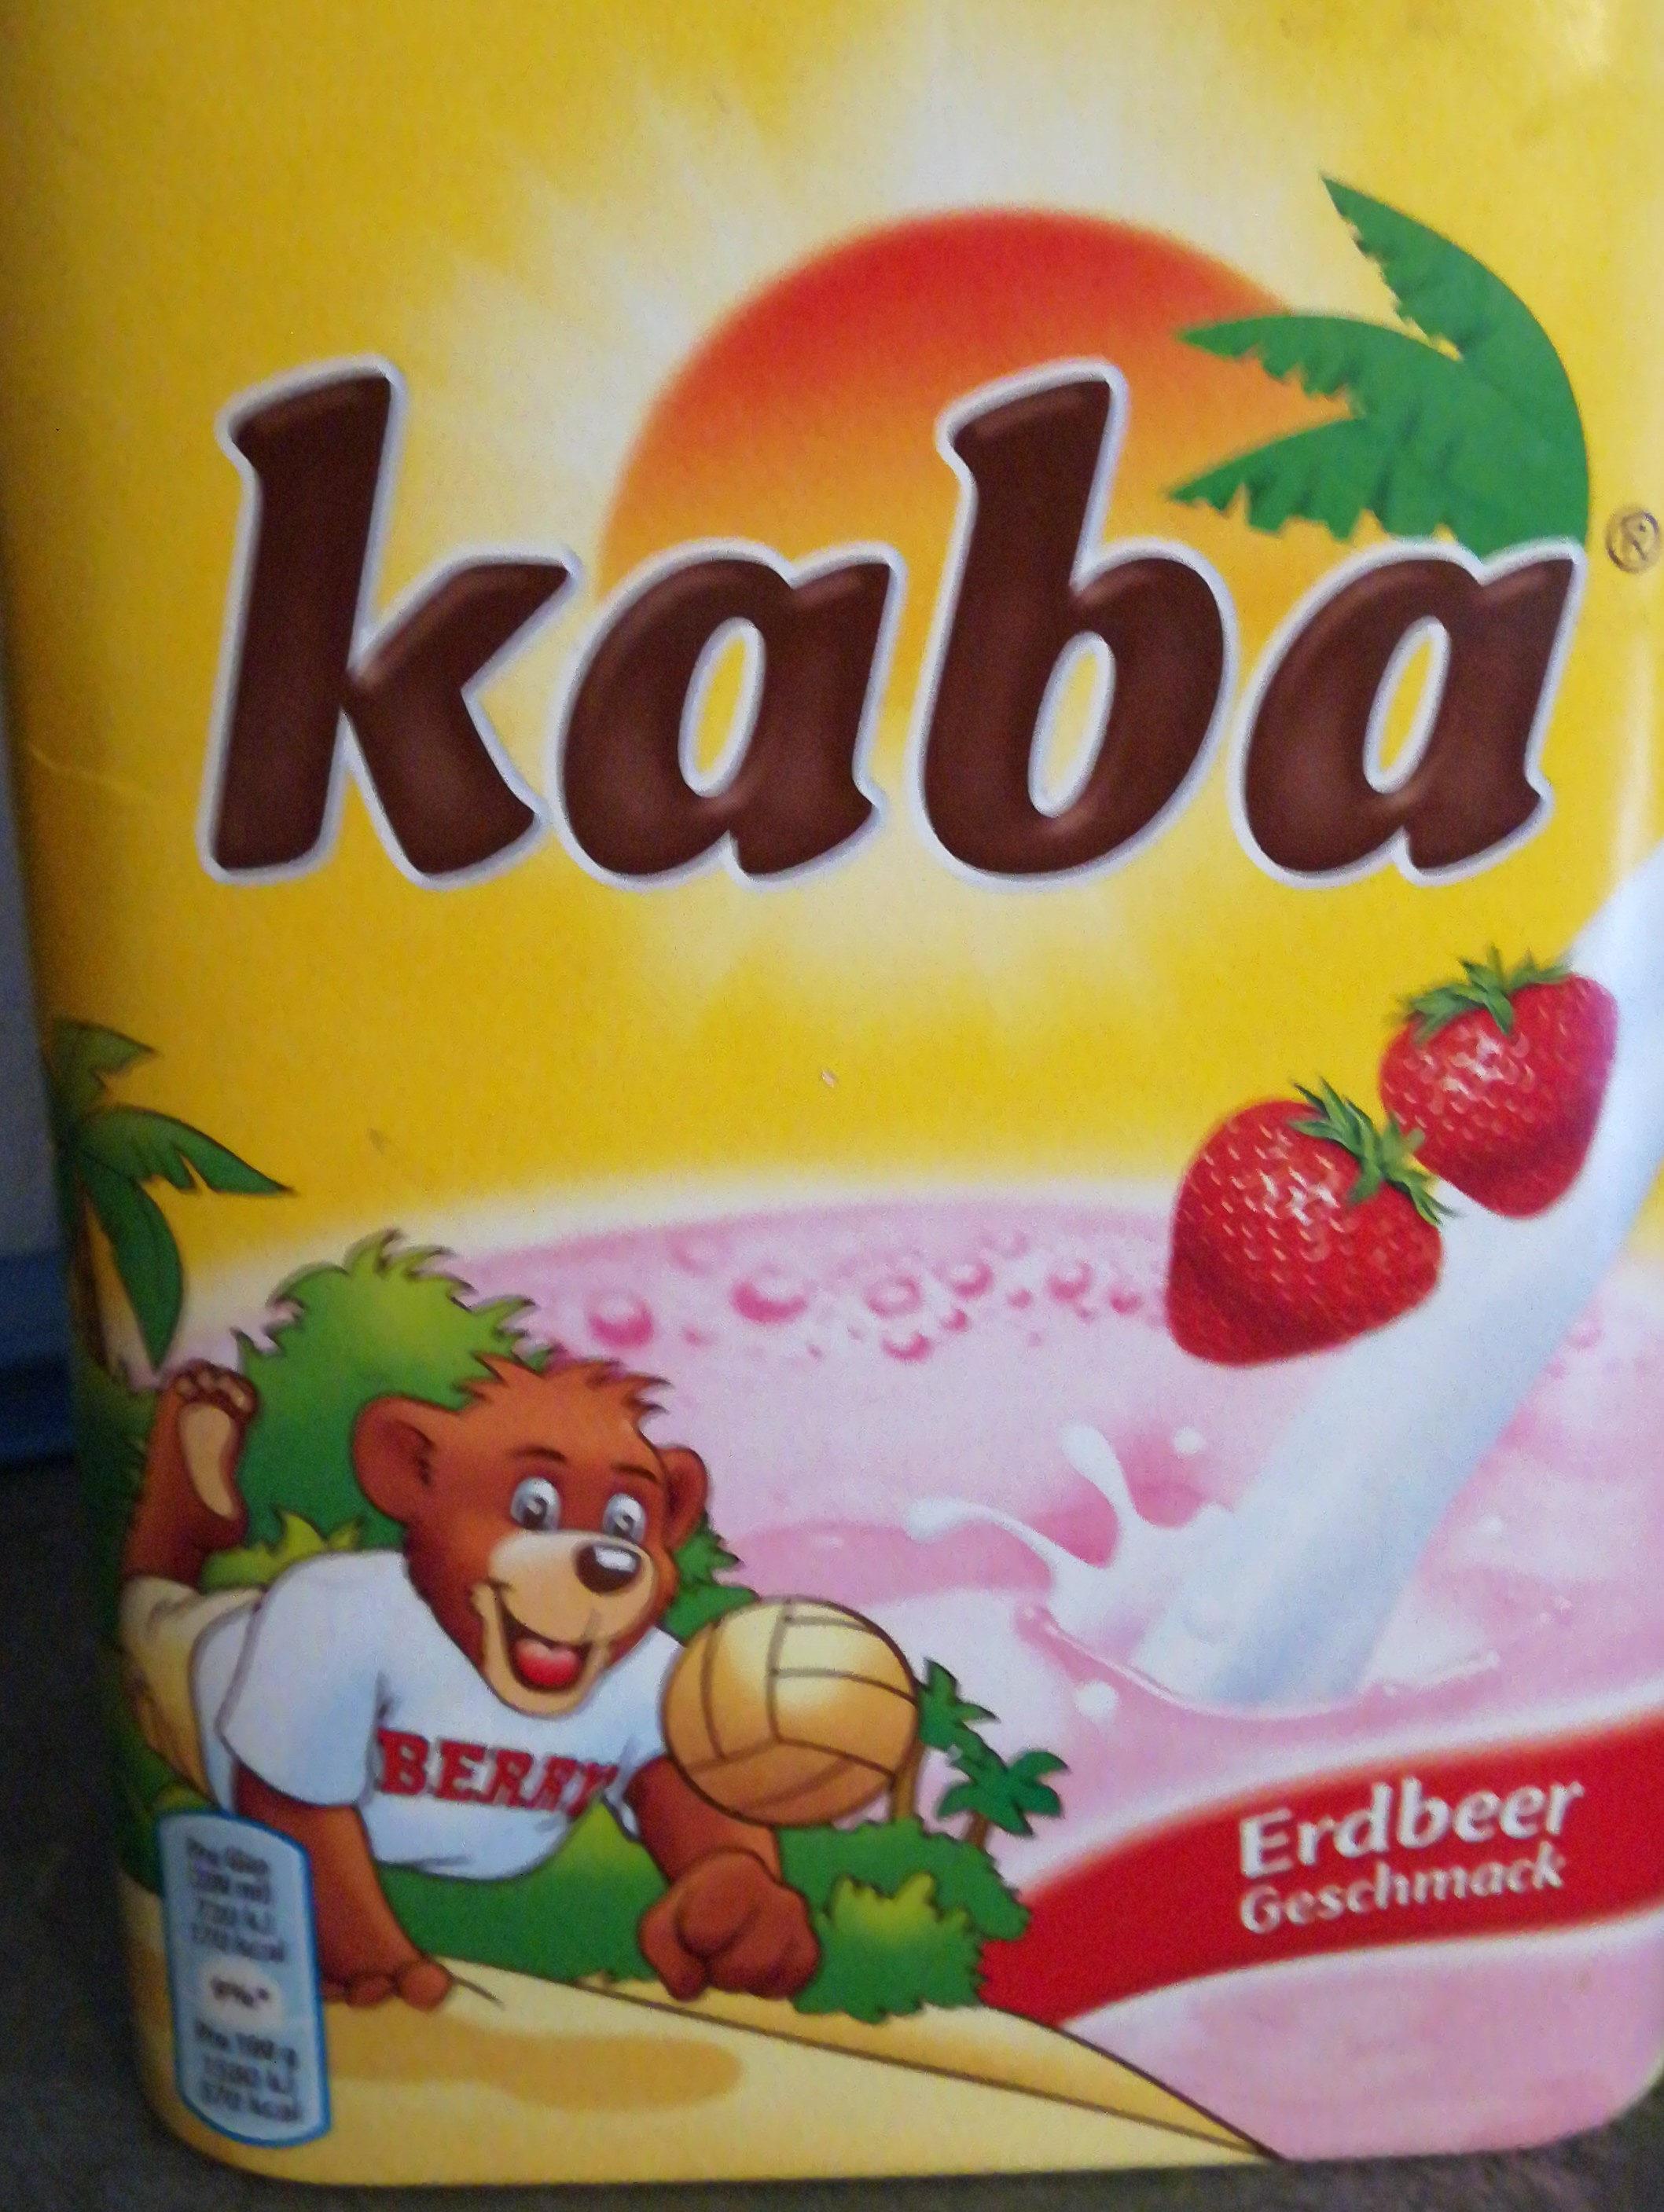 Erdbeer Geschmack - Producto